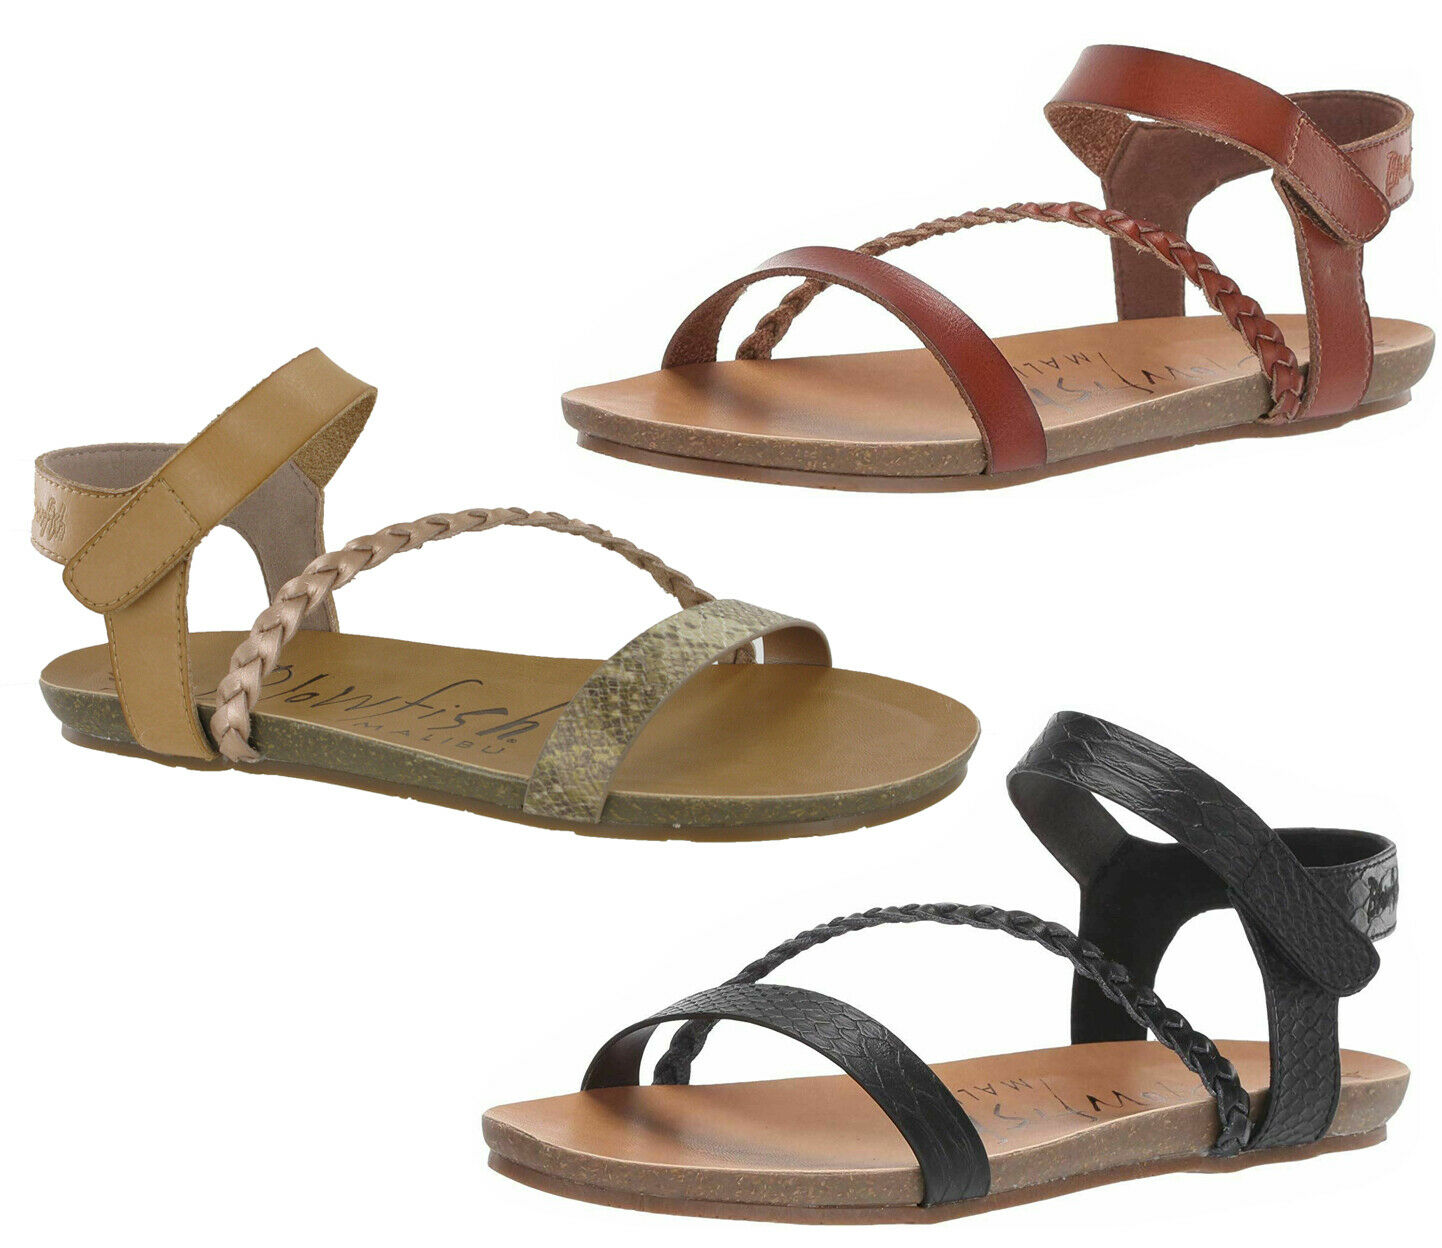 Blowfish Goya Plates Femmes Bout Ouvert Sandales Mode Décontracté Chaussures